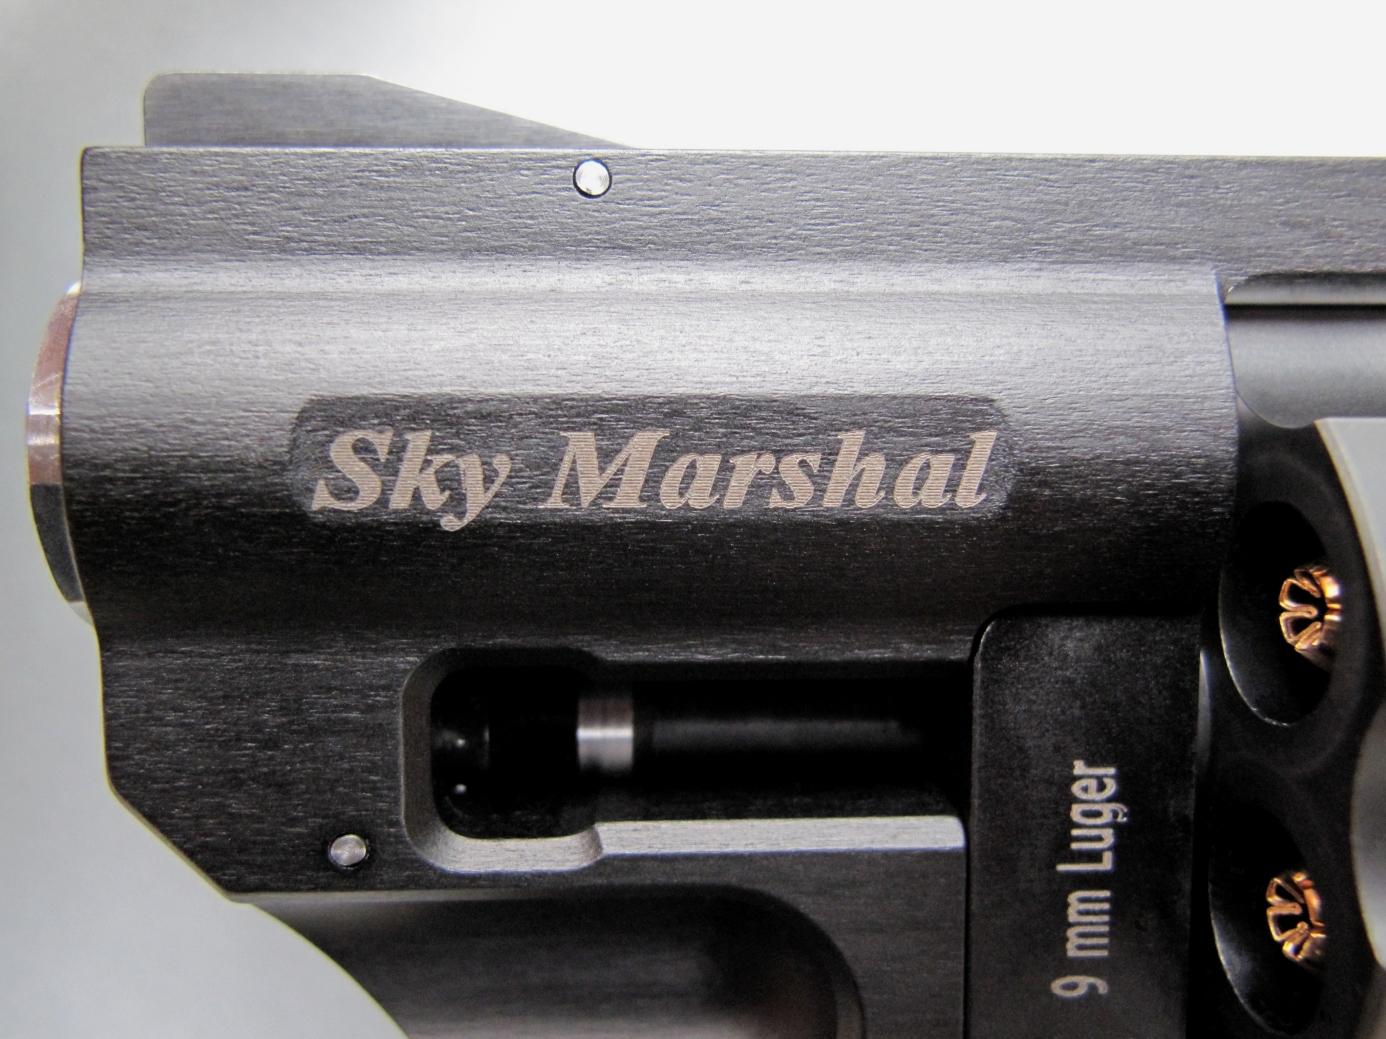 Le nom du modèle est inscrit sur un méplat usiné sur le côté gauche du manchon en aluminium, dans lequel est vissé le canon en acier inoxydable.